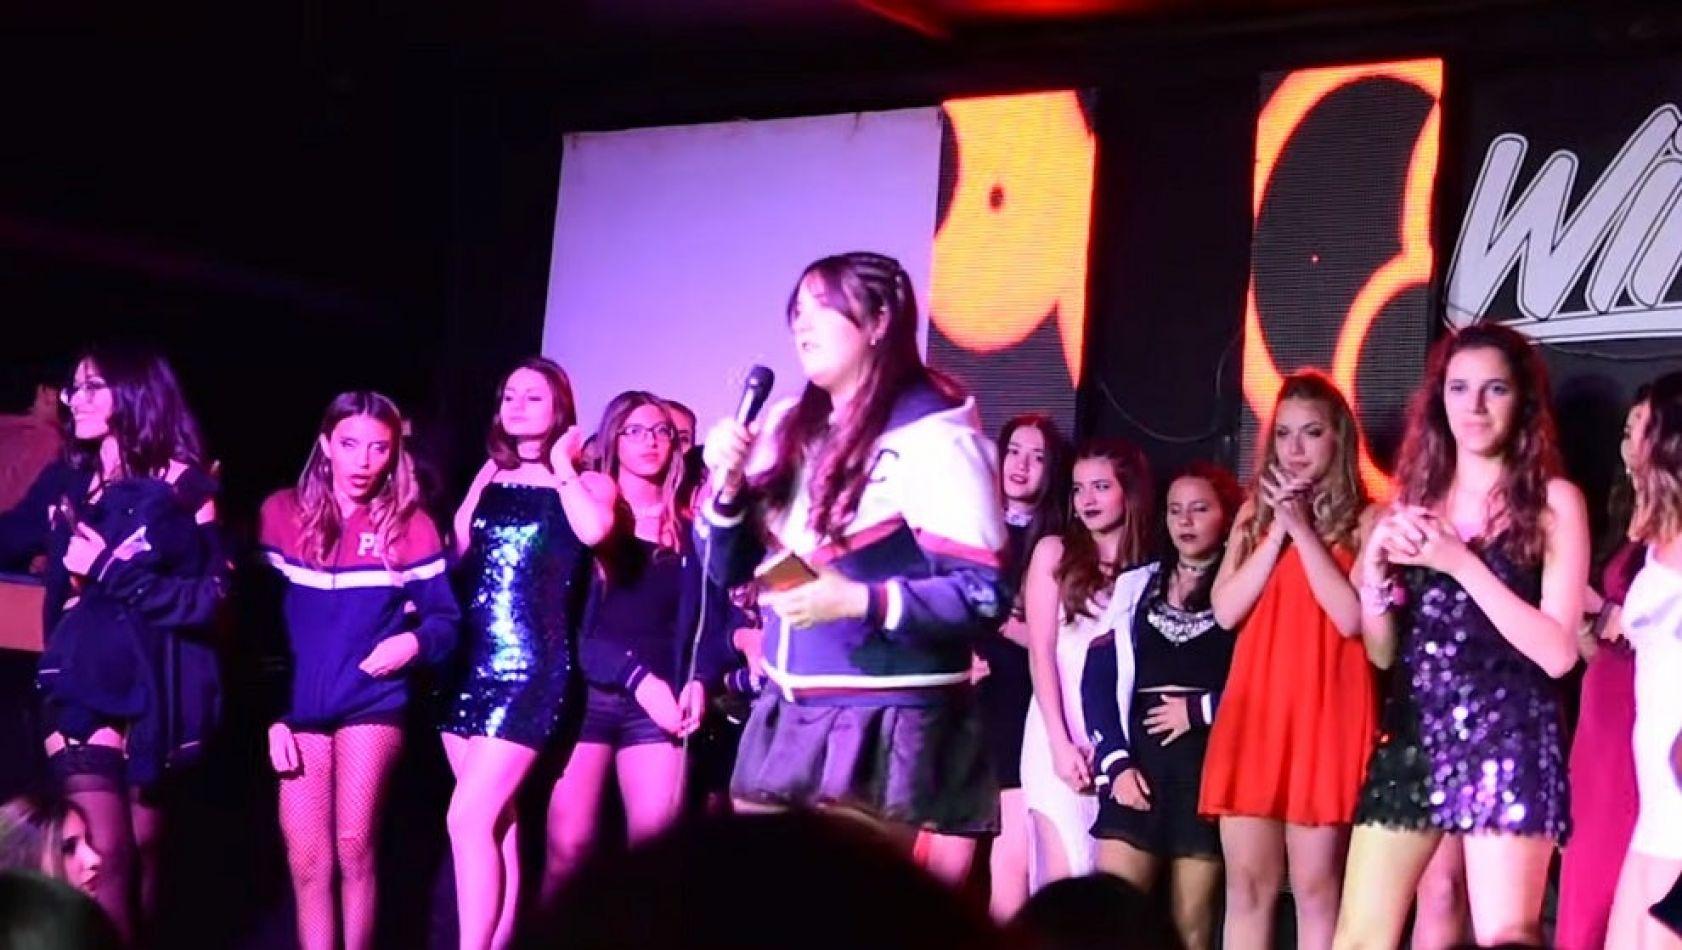 Coronaron a todas las candidatas a reina de los estudiantes para terminar con los estereotipos